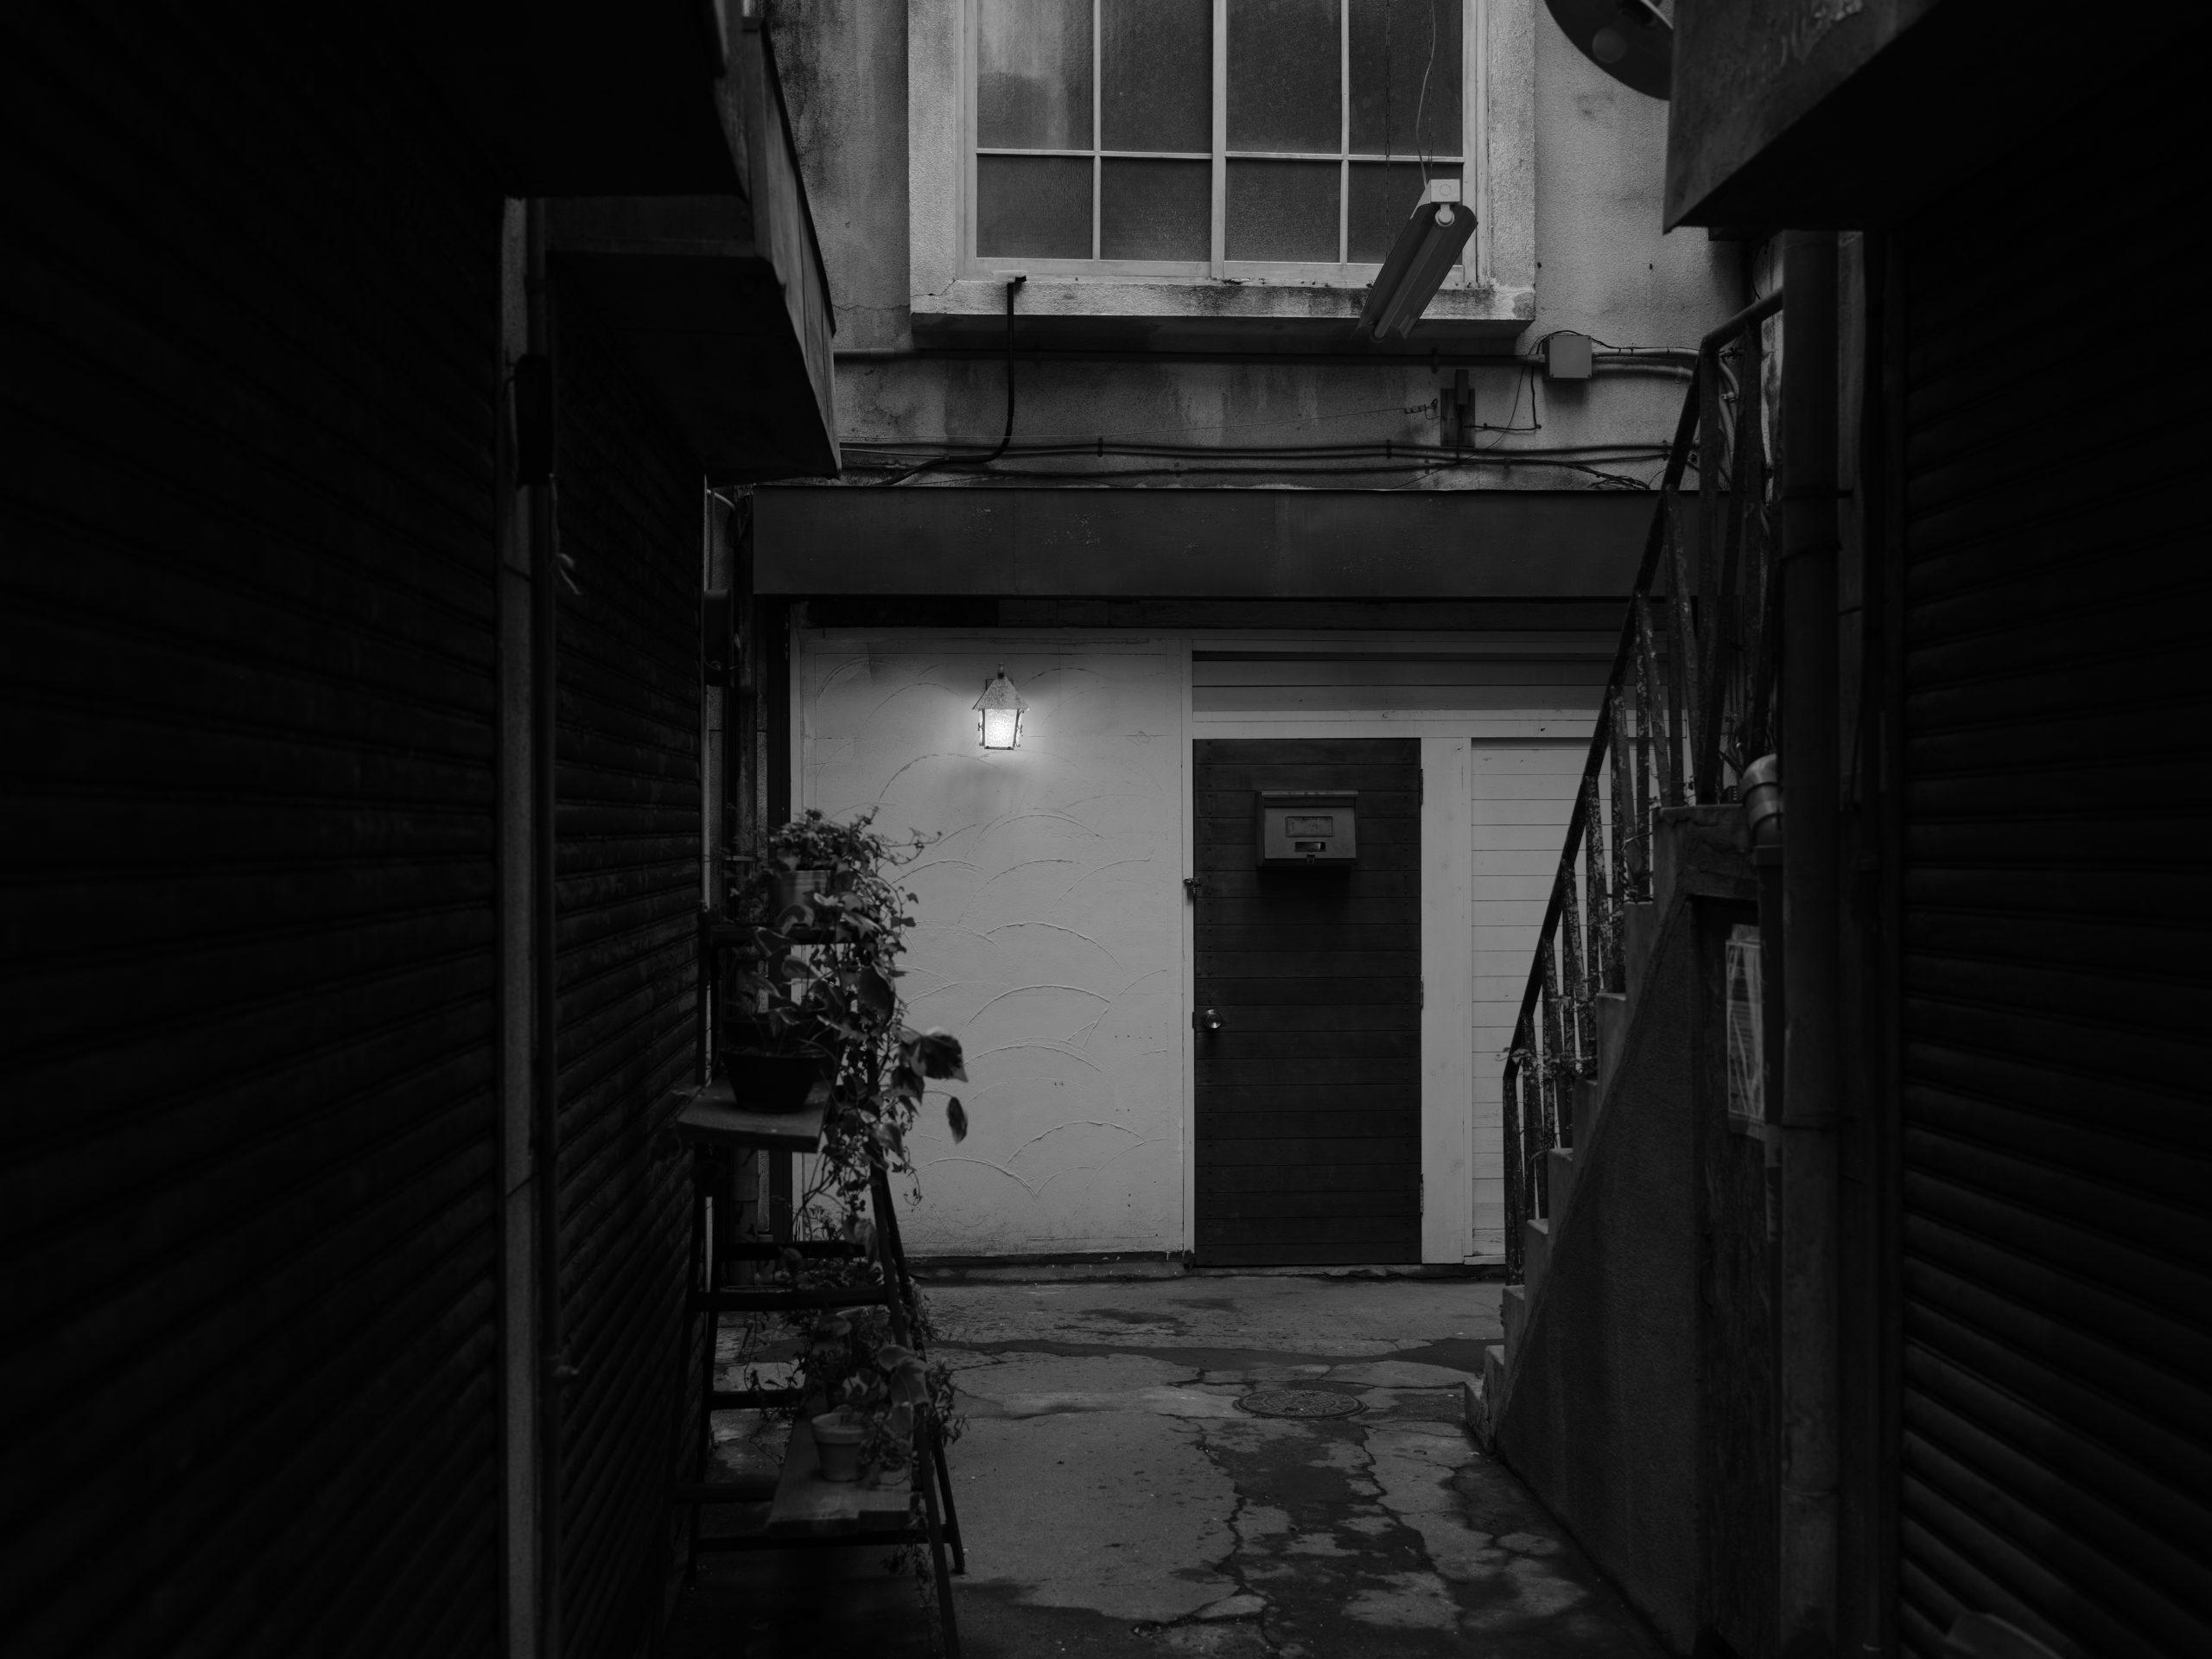 モノクロ写真 富士フイルム アクロス4